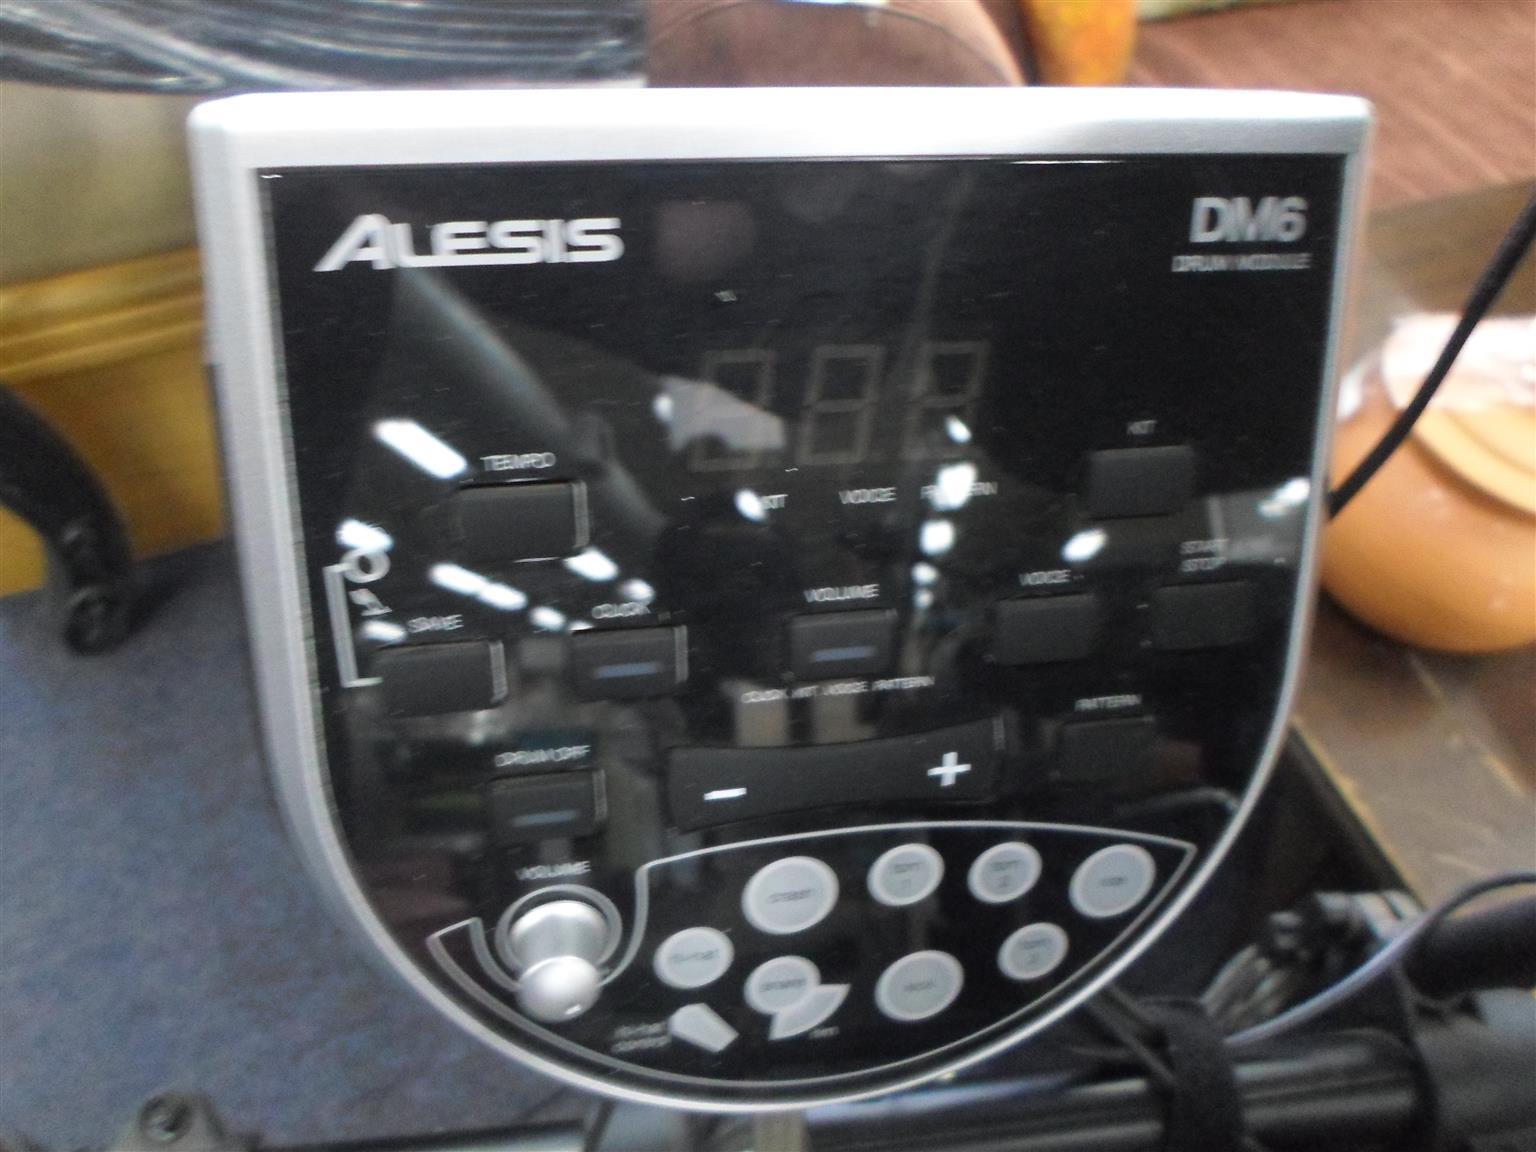 Alesis D6 Electrical Drums